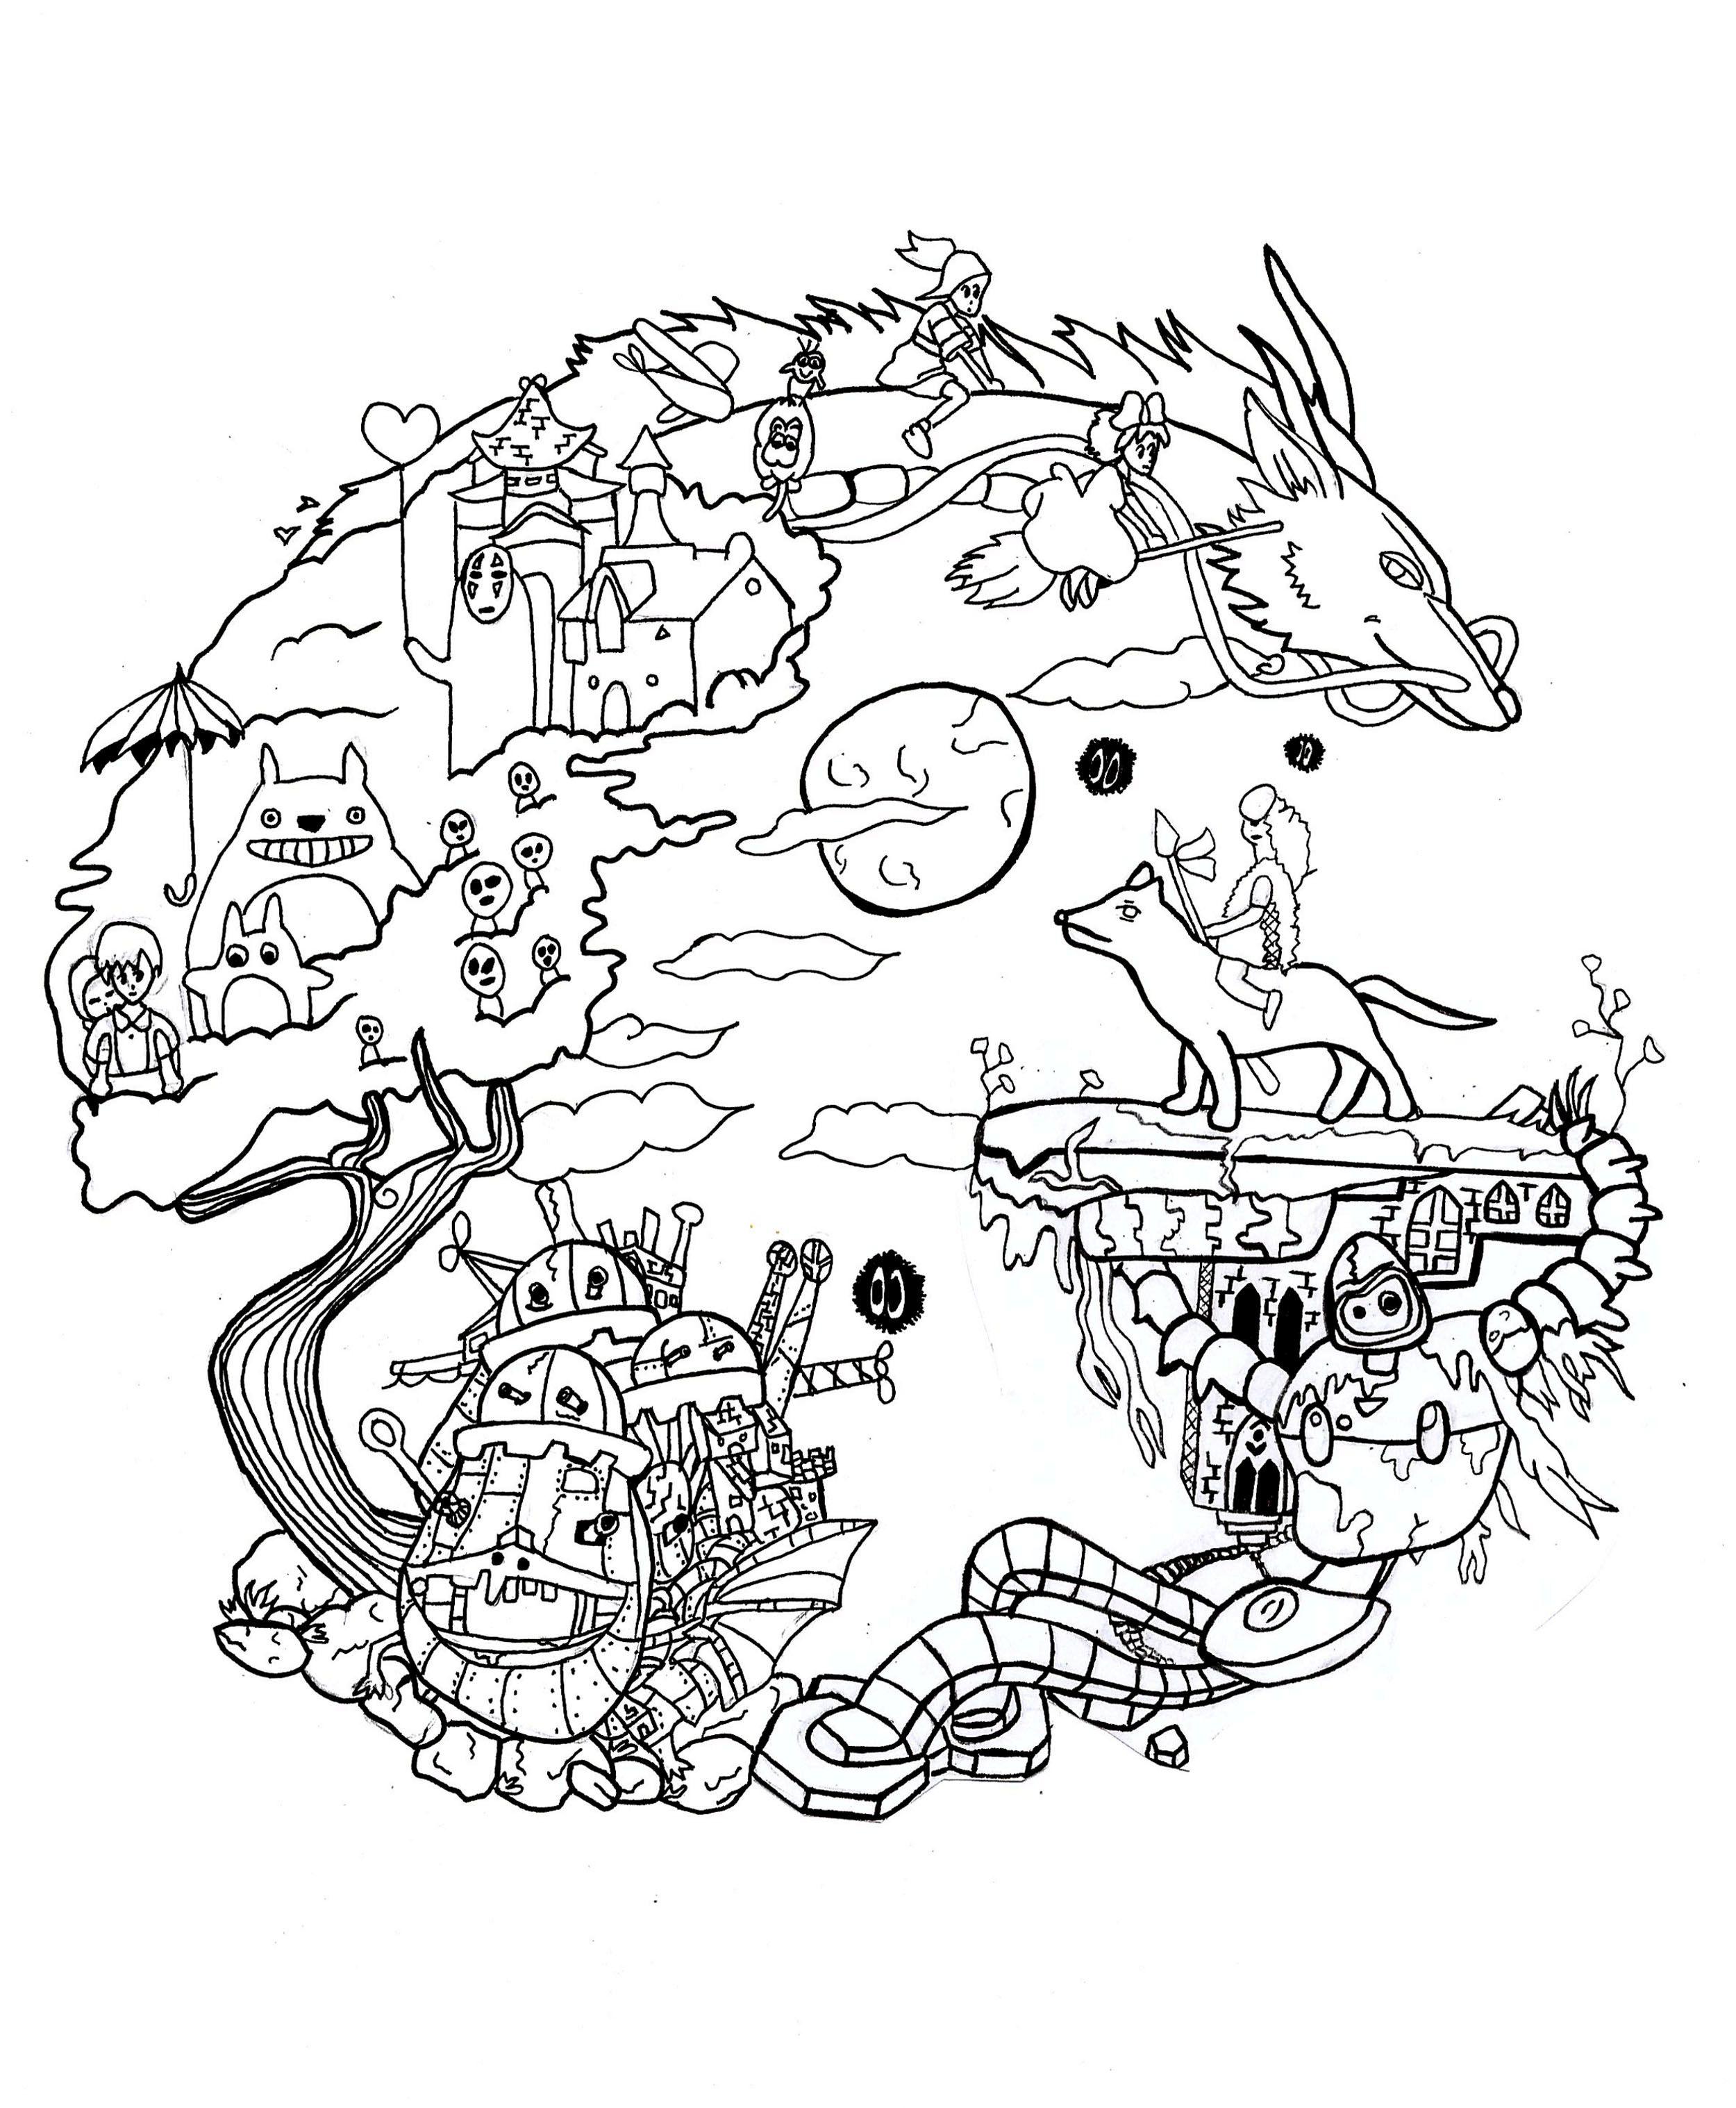 36 Sensational Image Coloring Manga Studio Ghibli Tattoo Studio Ghibli Tattoo Studio Ghibli Fanart [ 3035 x 2500 Pixel ]